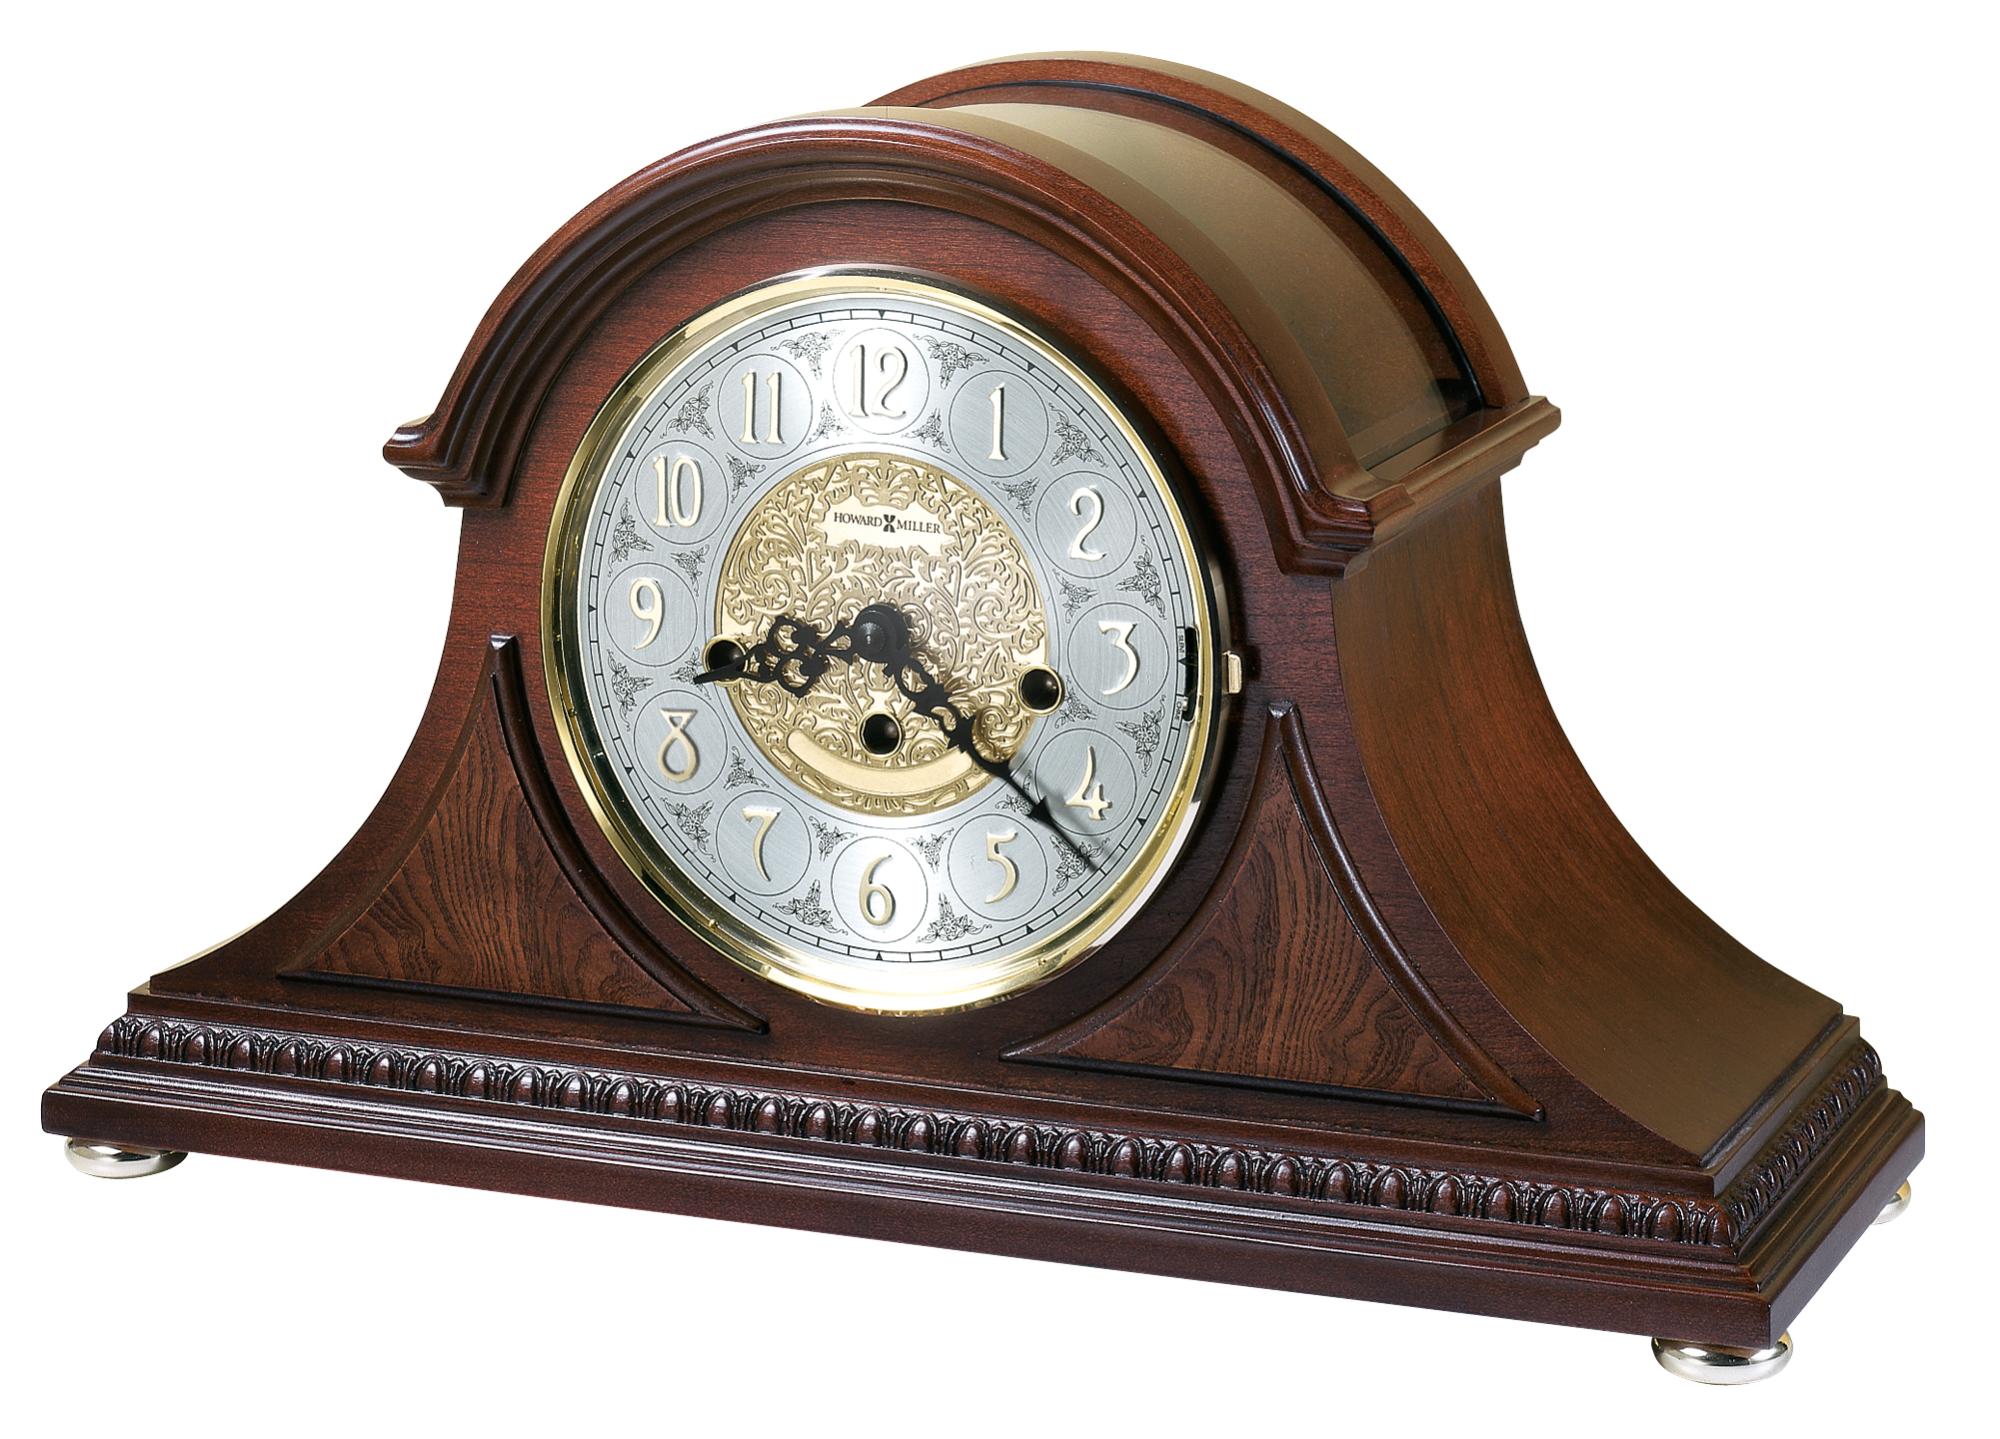 Howard miller barrett mantel clock at 1 800 4clocks howard miller barrett mantel clock amipublicfo Gallery